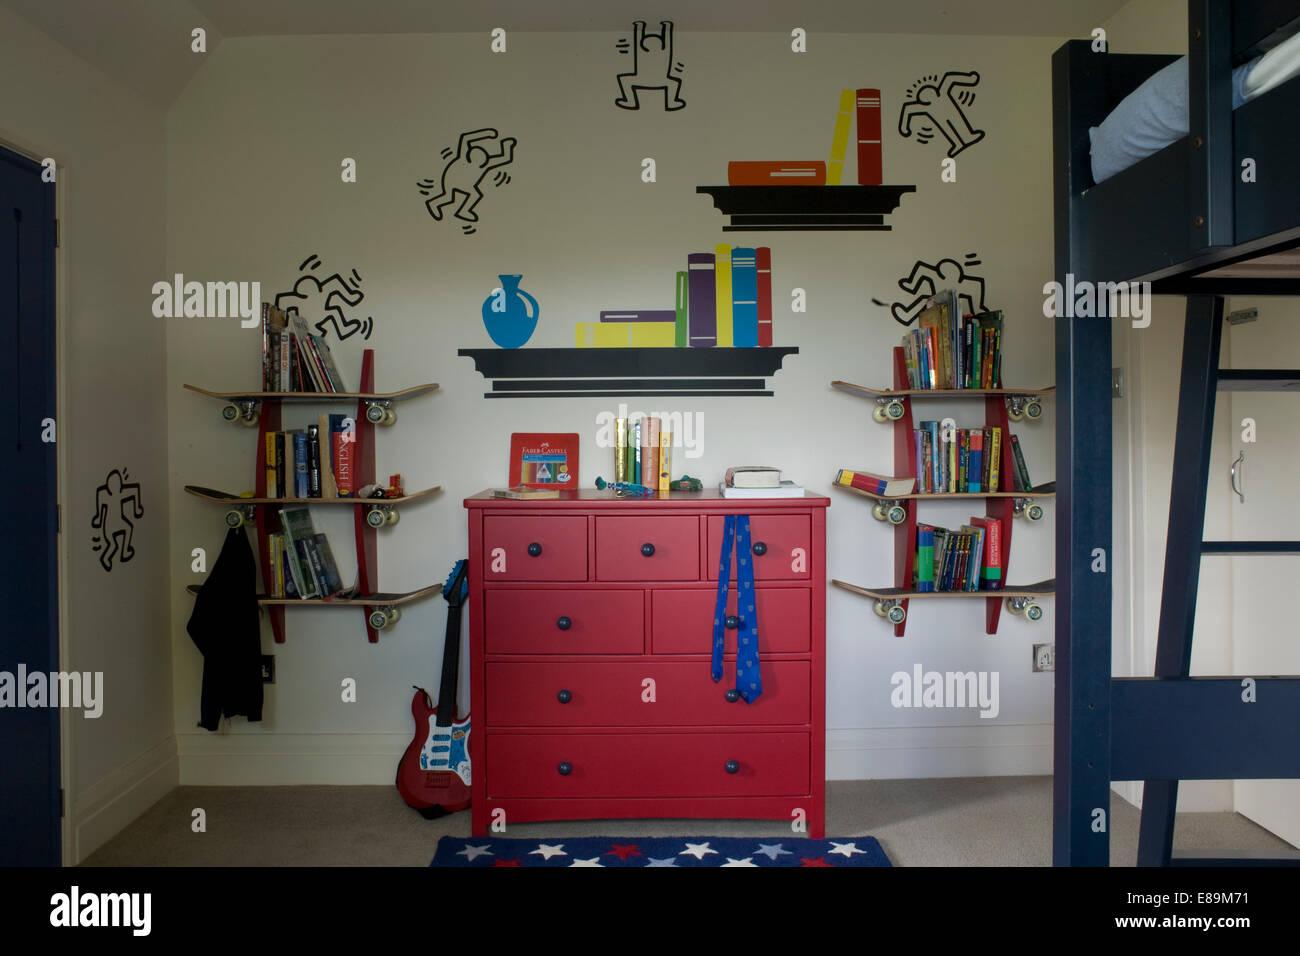 Bücher über Skate Board Regalen über Rote Kommode Im Schlafzimmer Des Jungen